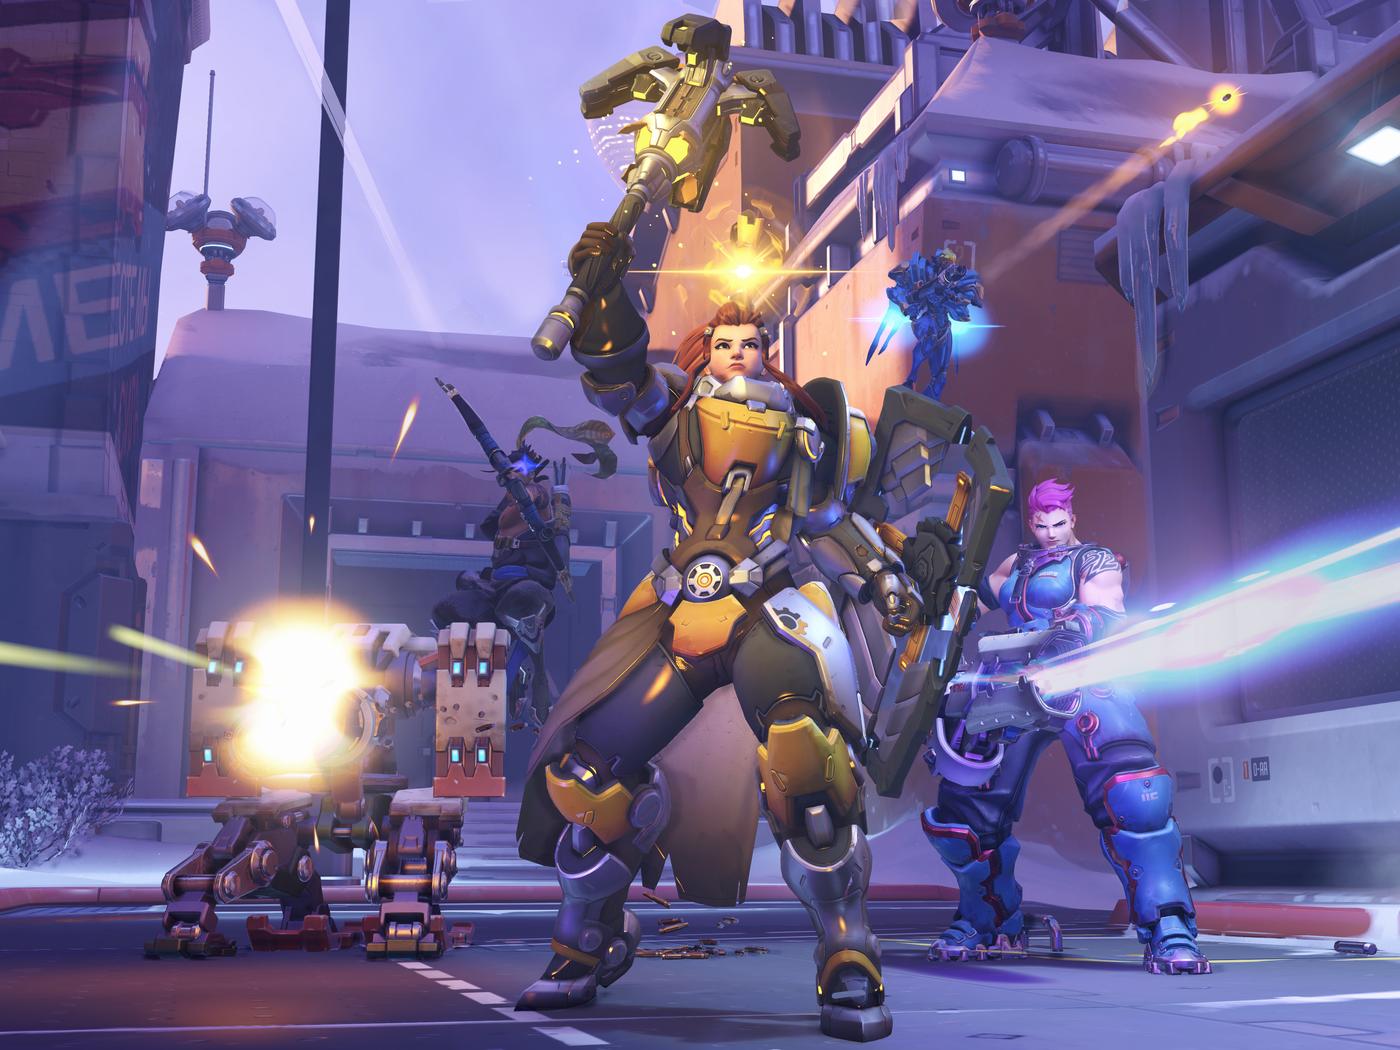 Overwatch hero Brigitte using her Ultimate to keep teammates alive